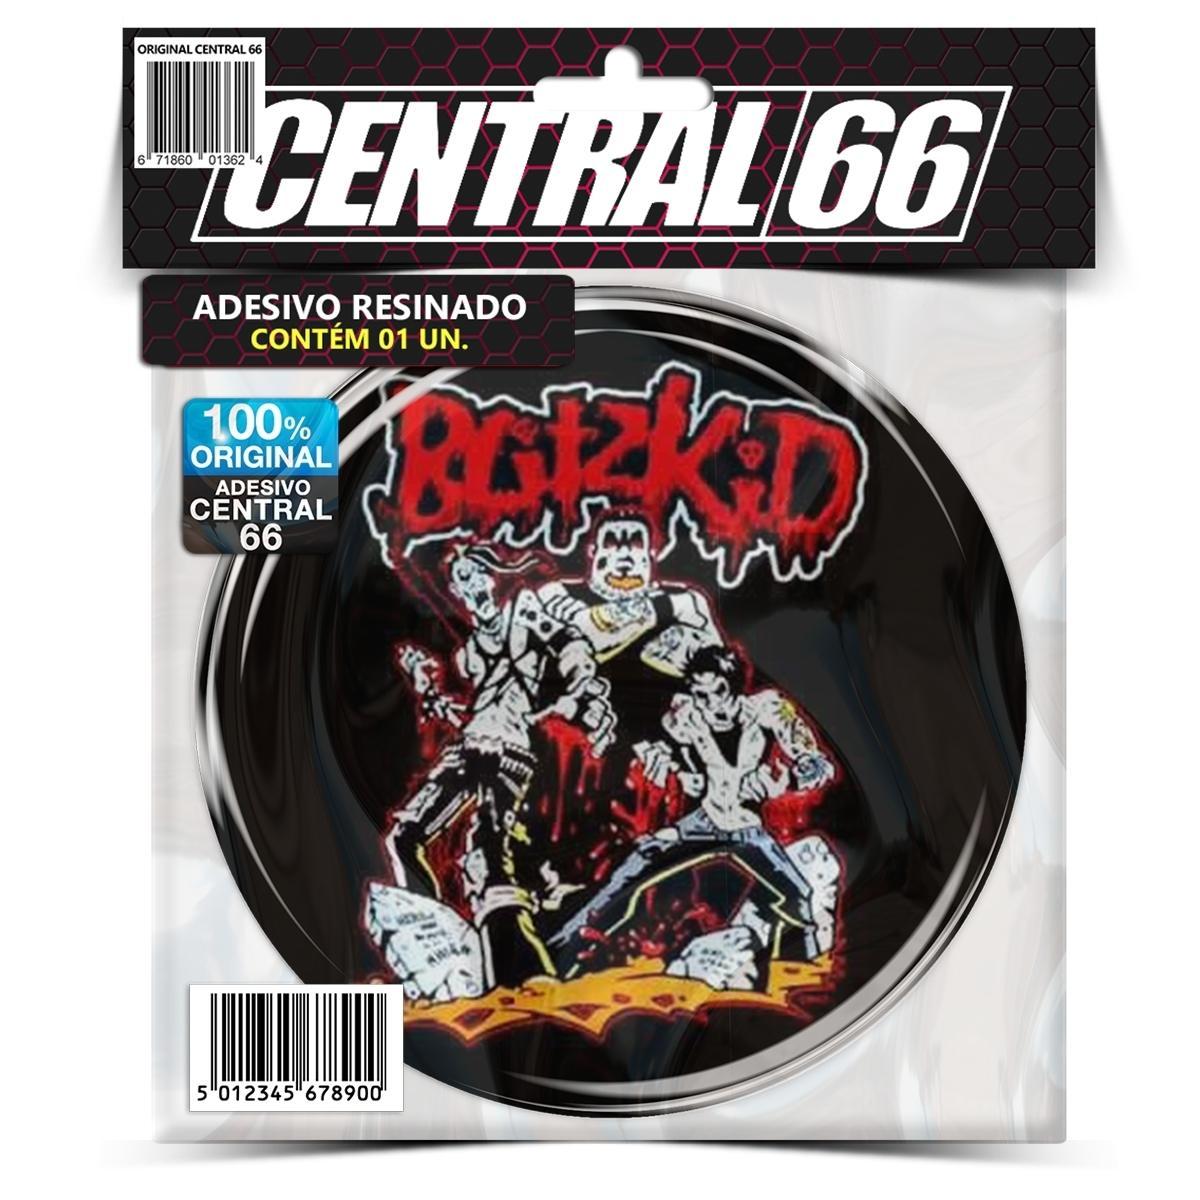 Adesivo Redondo Blitzkid – Central 66